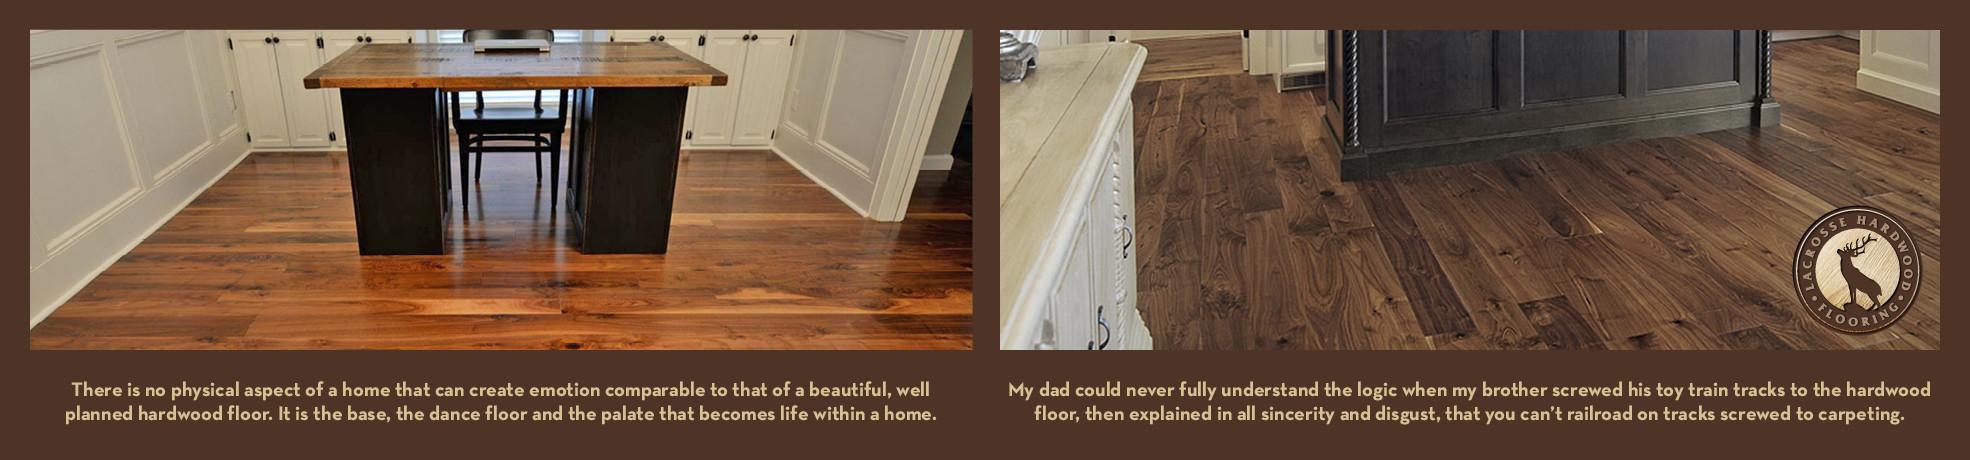 maple hardwood flooring reviews of lacrosse hardwood flooring walnut white oak red oak hickory intended for lhfsliderv22